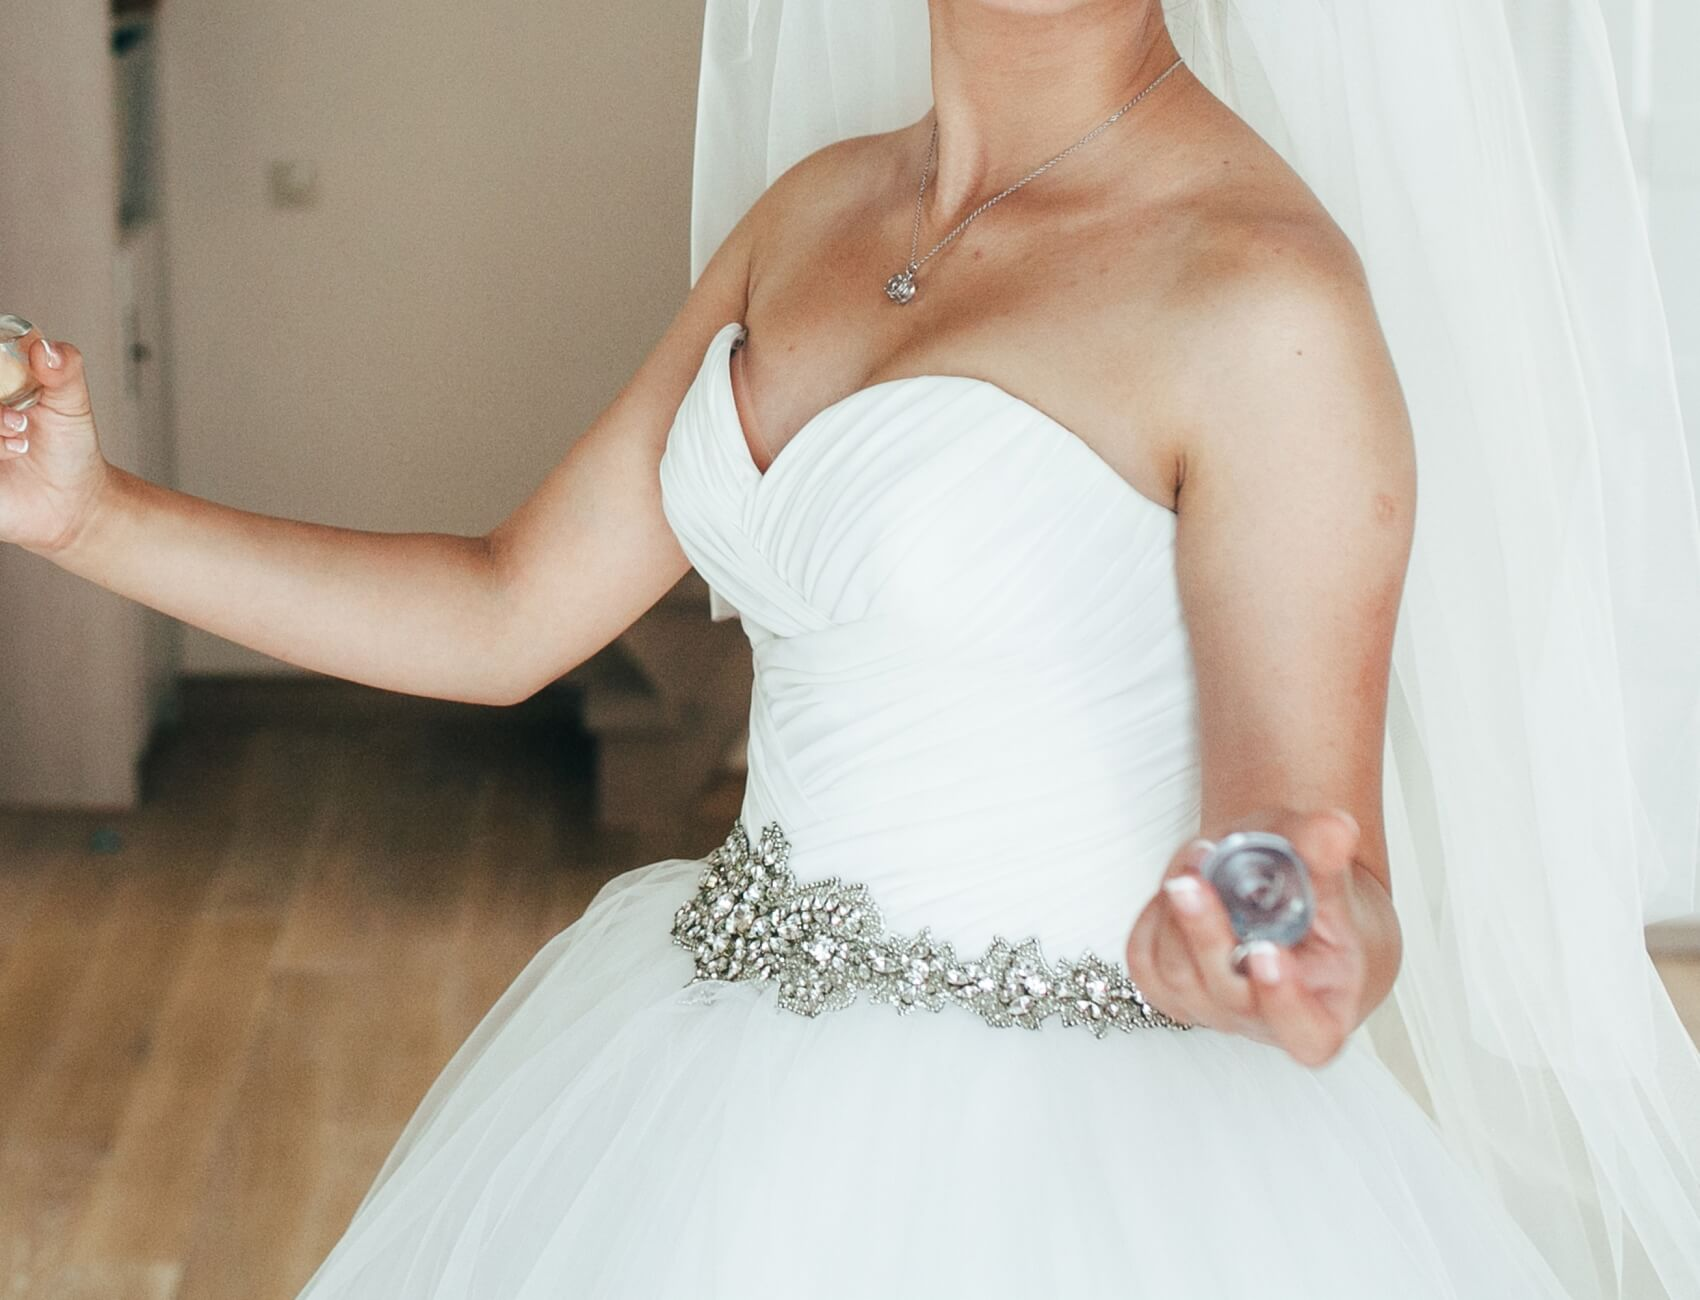 düğün önerileri nelerdir